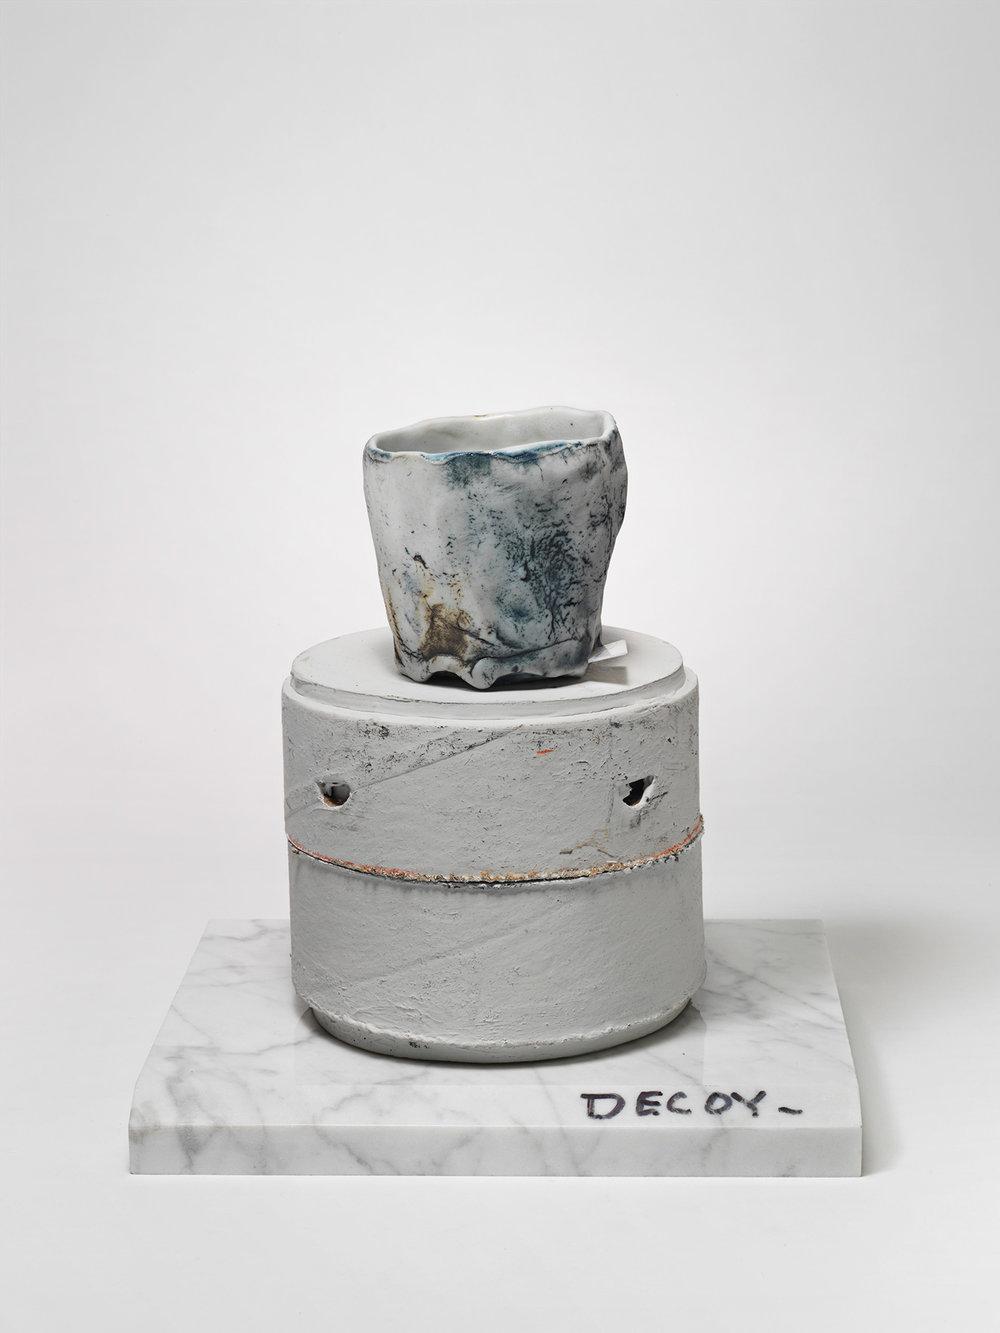 """DECOY_Cup_4 . Porcelain, porcelain blade, cardboard, granite. 7.5"""" x 7"""" x 5.5"""". 2014."""